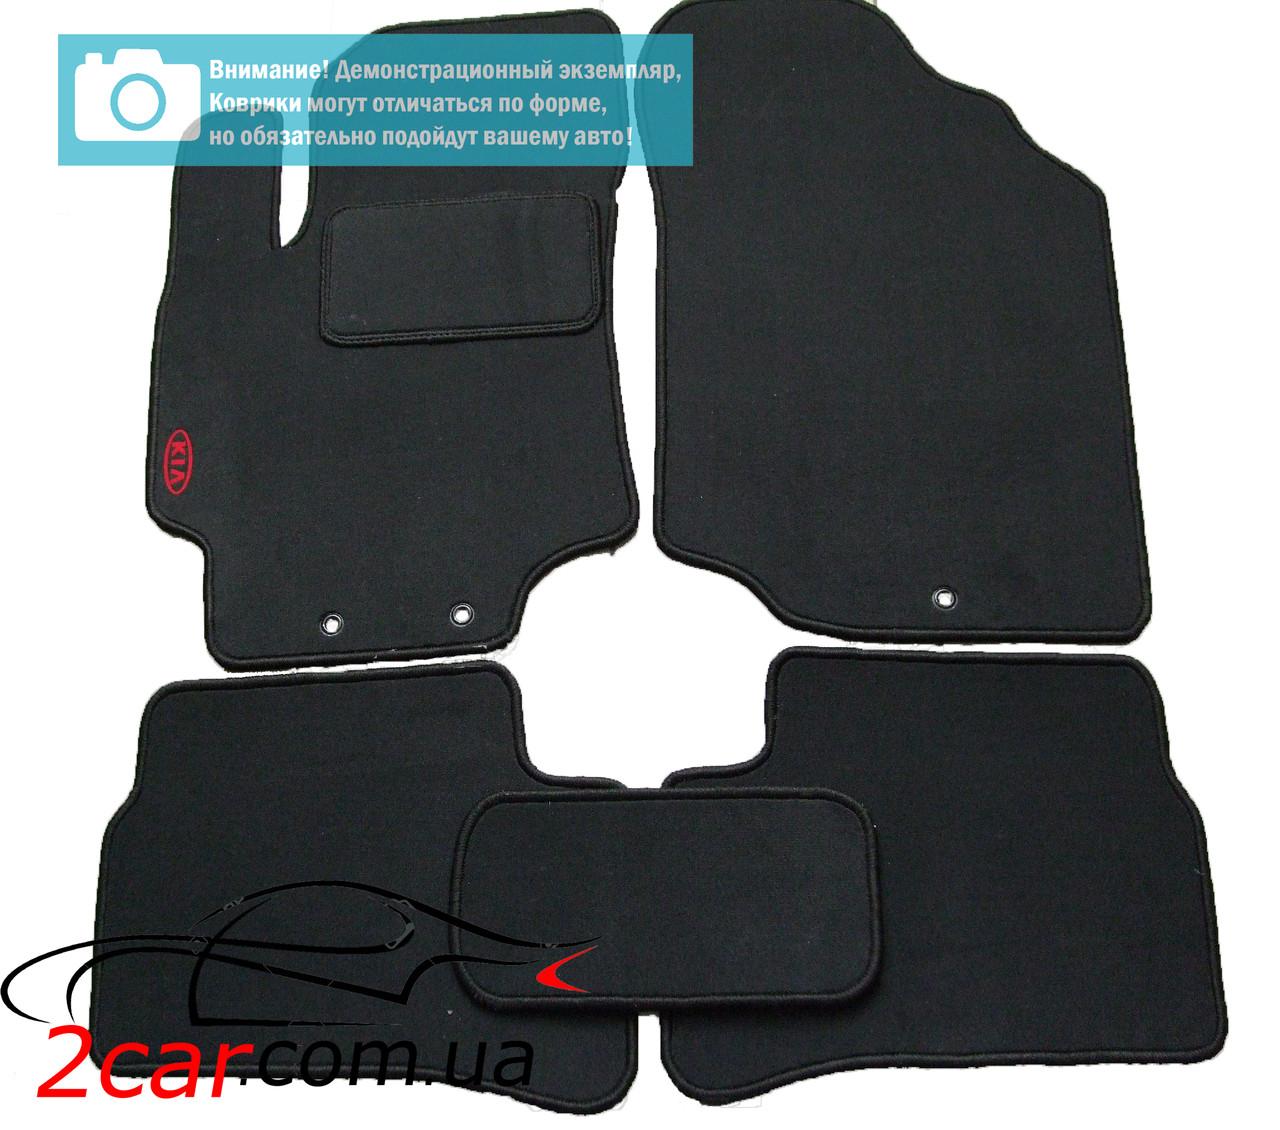 Текстильные коврики в салон для Volkswagen Jetta (2011-) (чёрный) (StingrayUA)